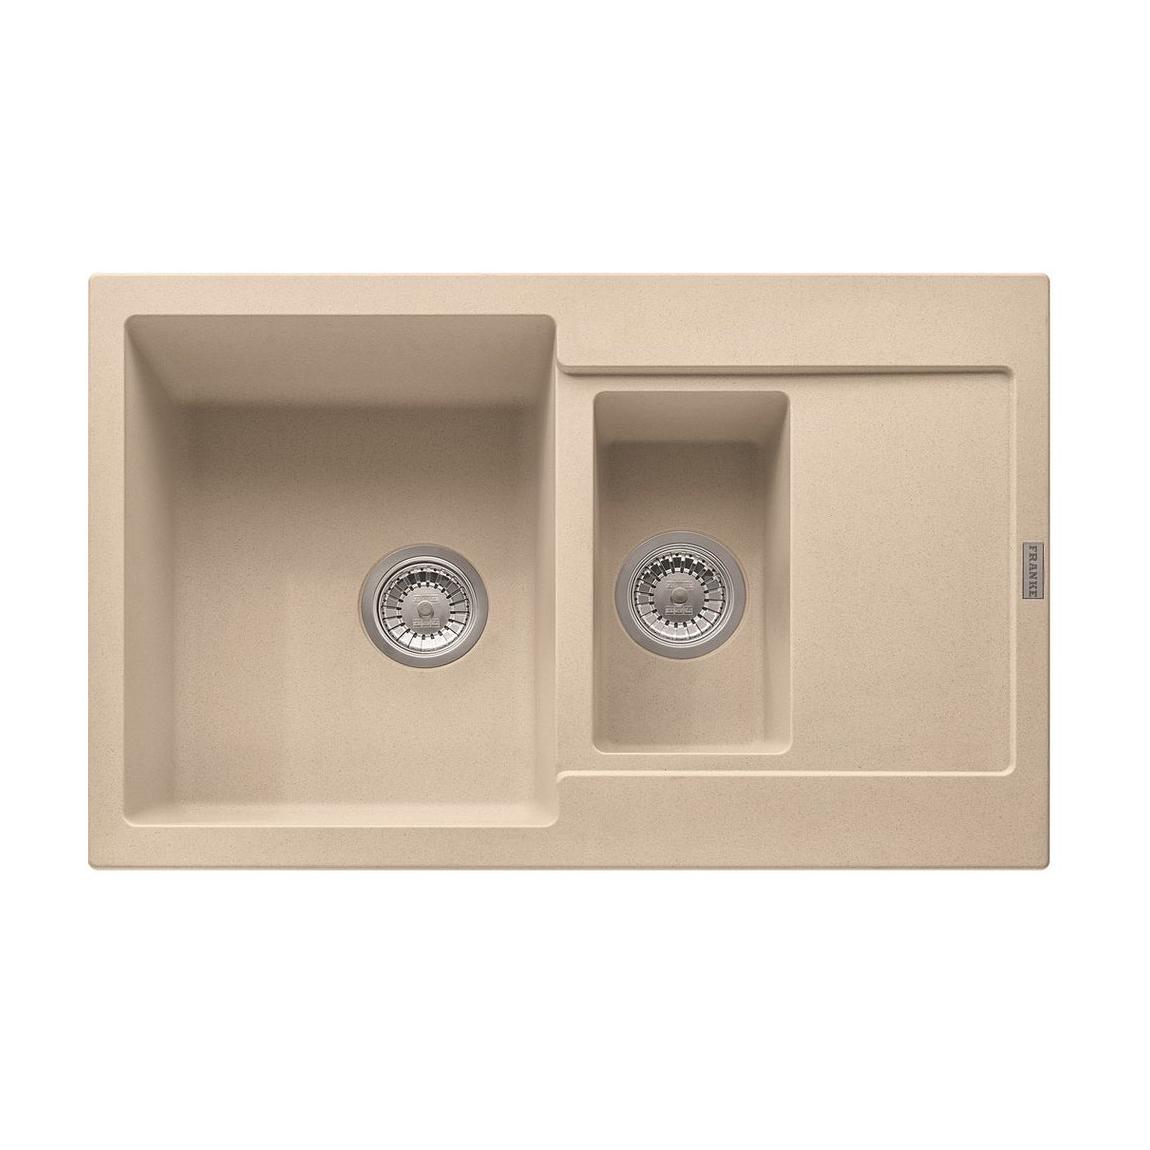 Кухонная мойка Franke Maris MRG 651-78 бежевая кухонная мойка aquaton 1a715032lr90 лория темно бежевая